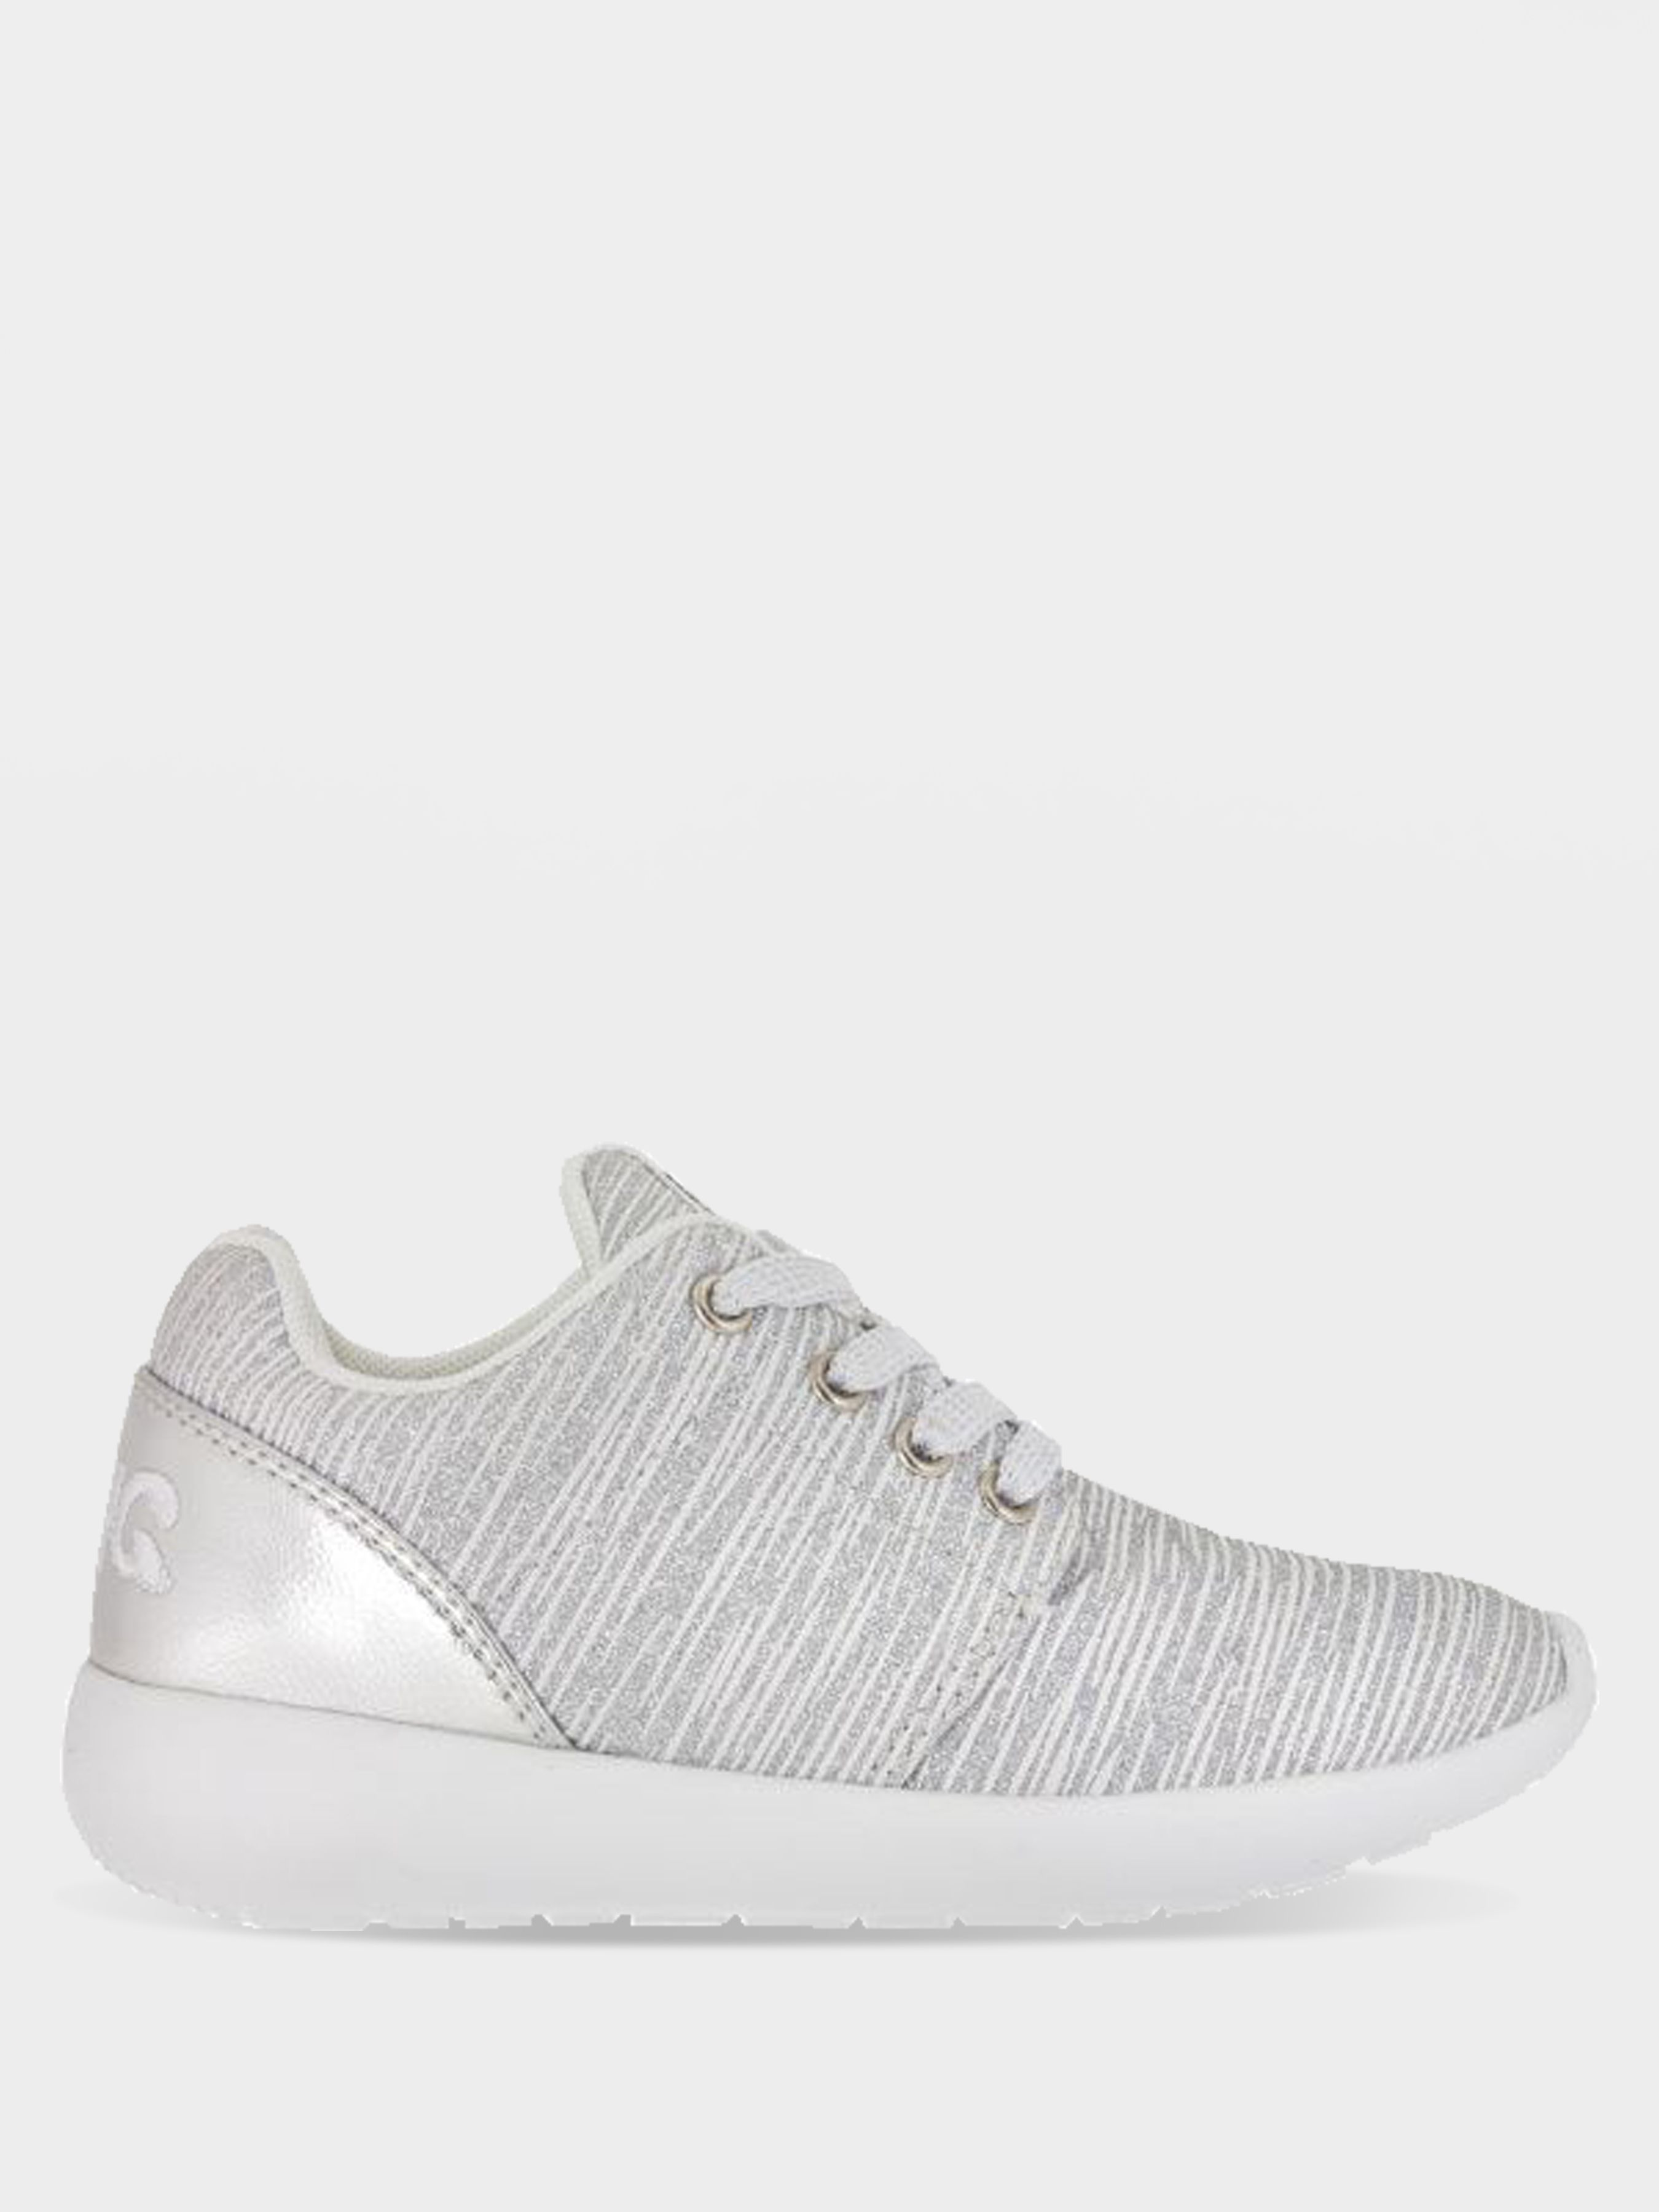 Кроссовки для детей Primigi PR767 размерная сетка обуви, 2017